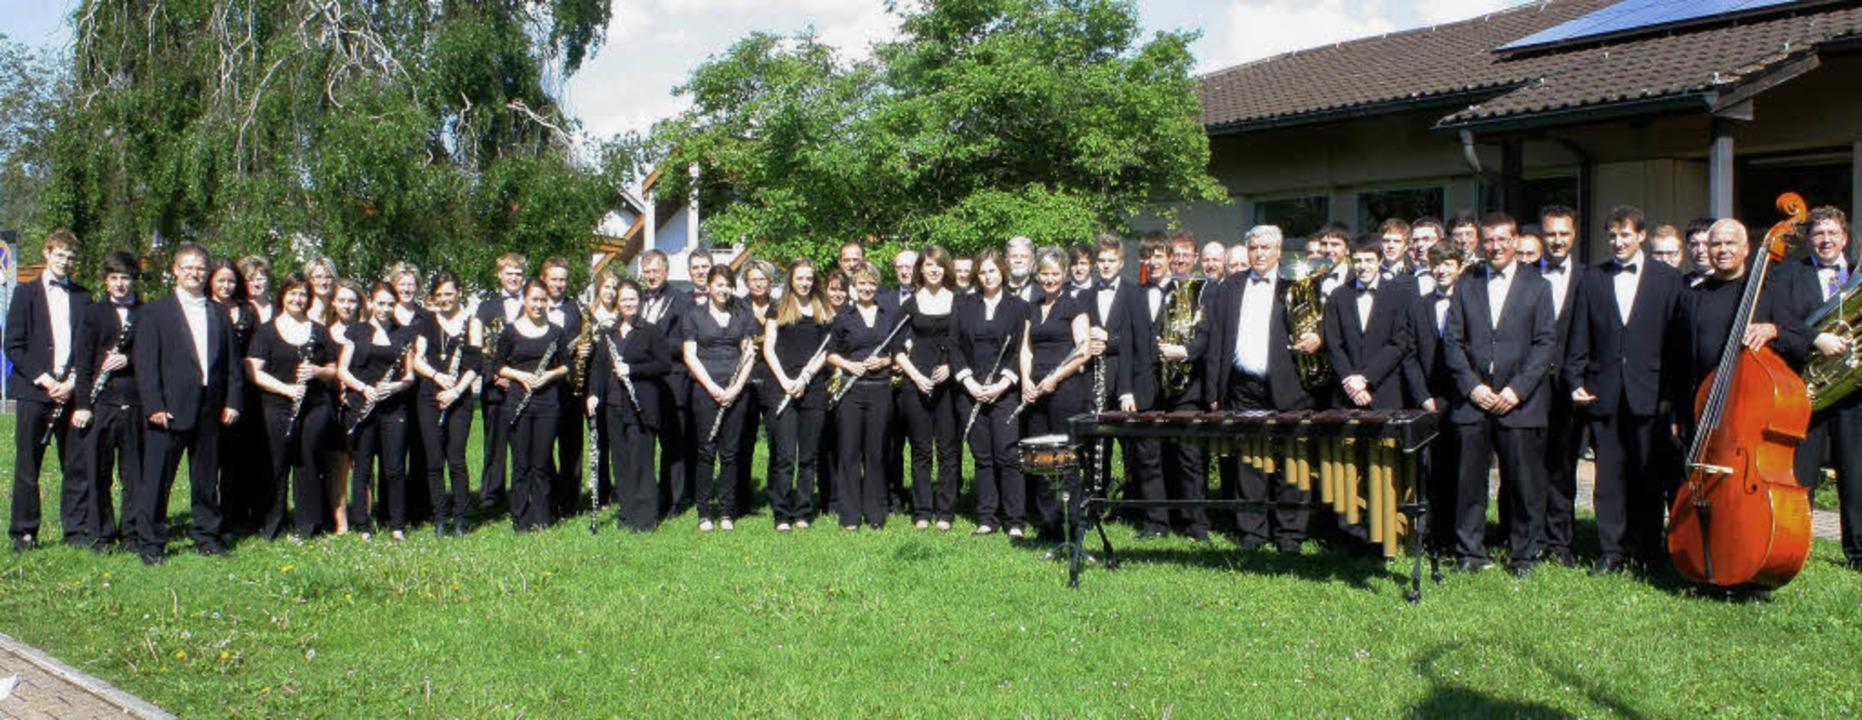 Das Rickenbacher Blasorchester nach dem erfolgreichen Wertungsspiel  | Foto: bz